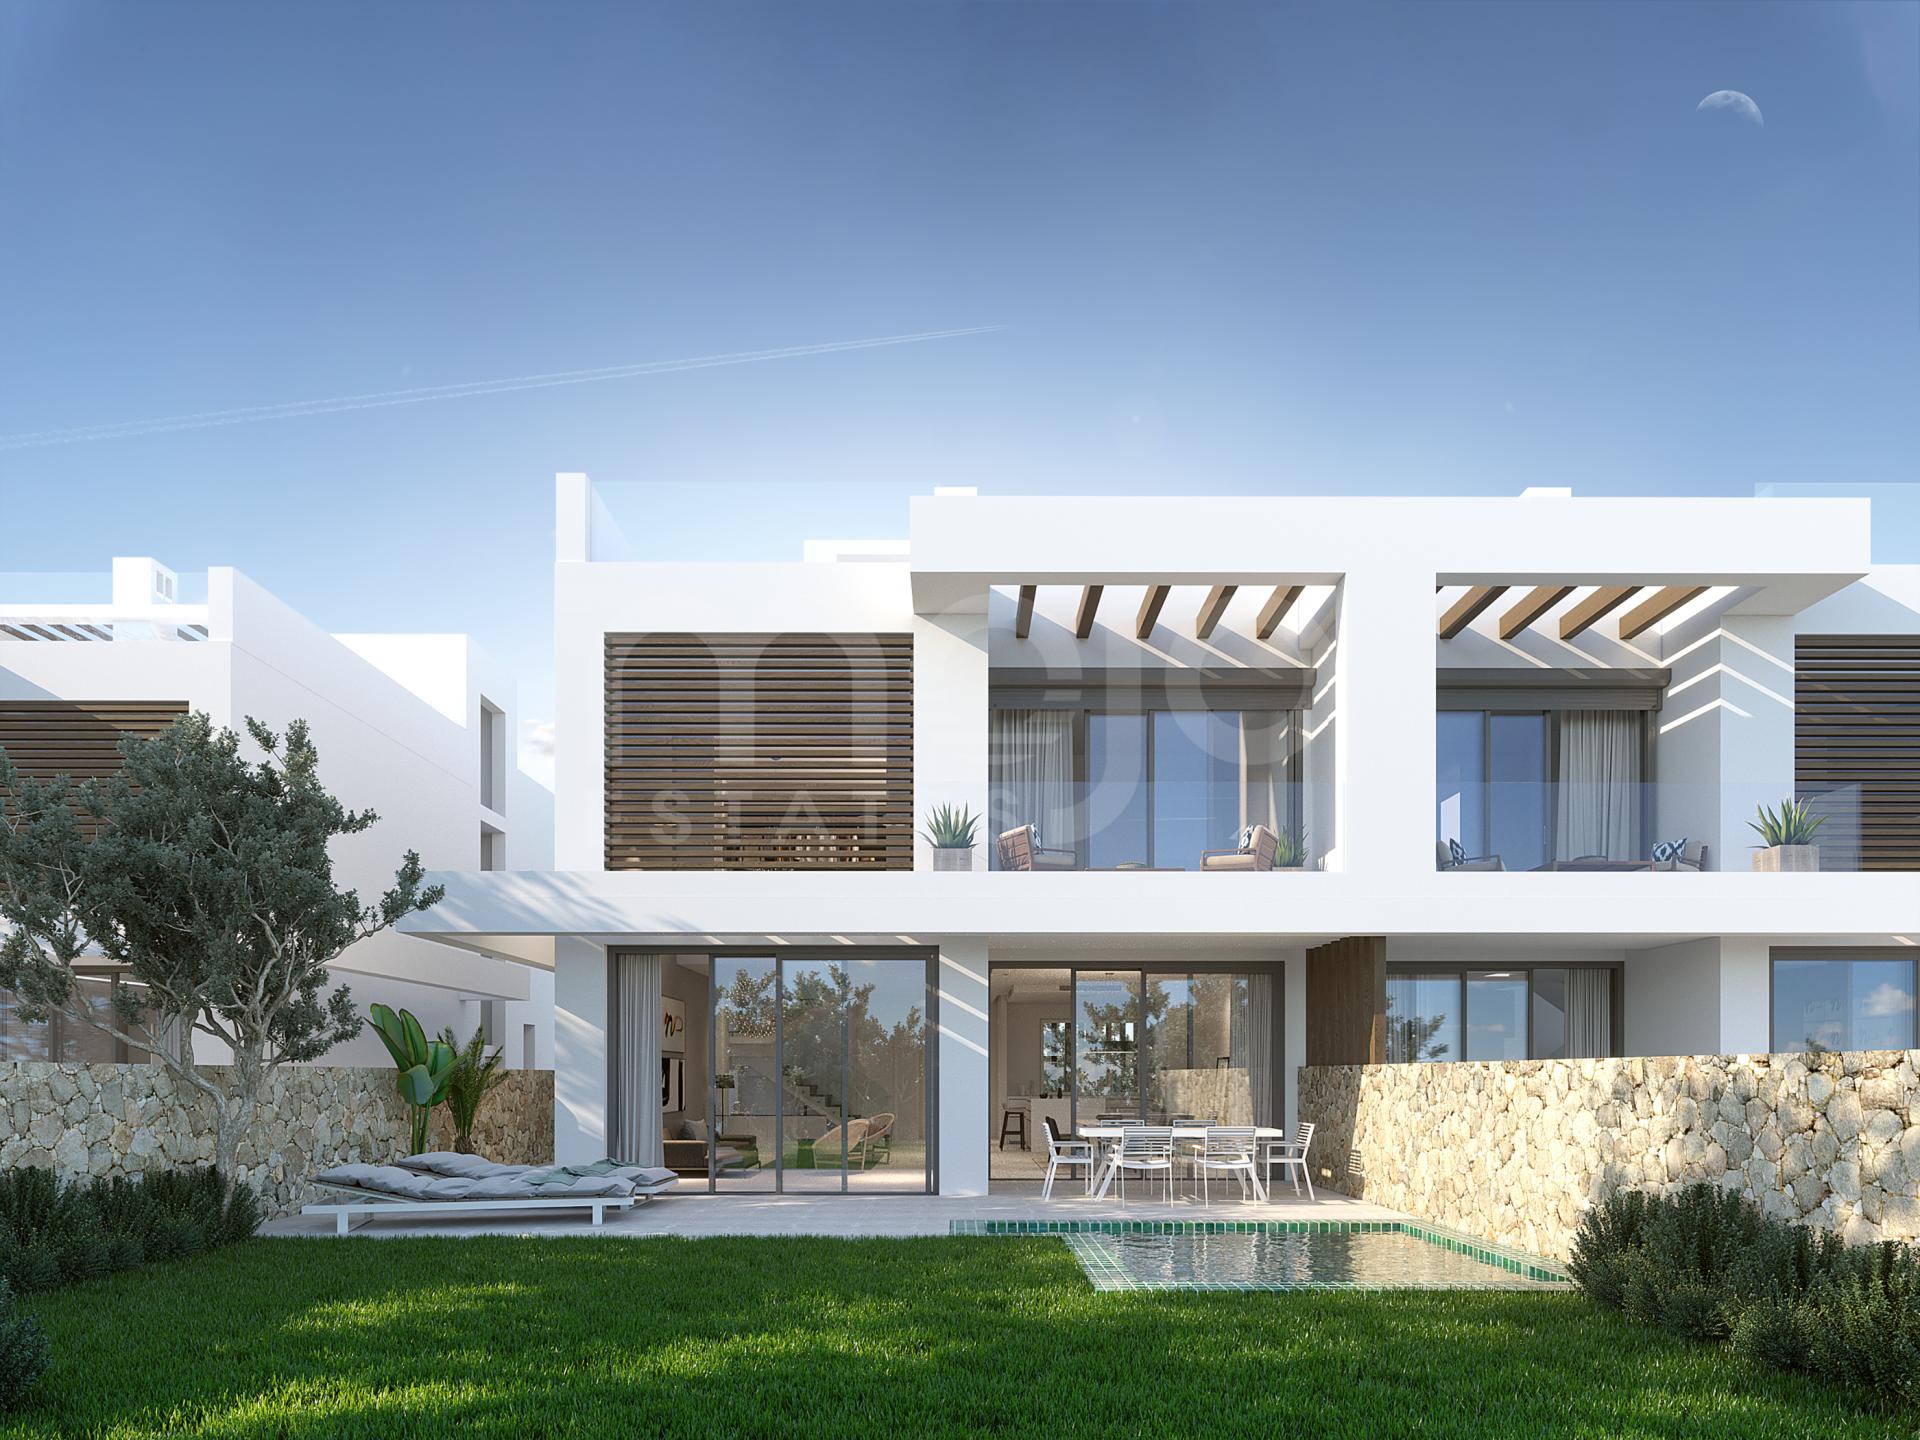 Fastighetsprojekt i Cabopino, Marbella Este